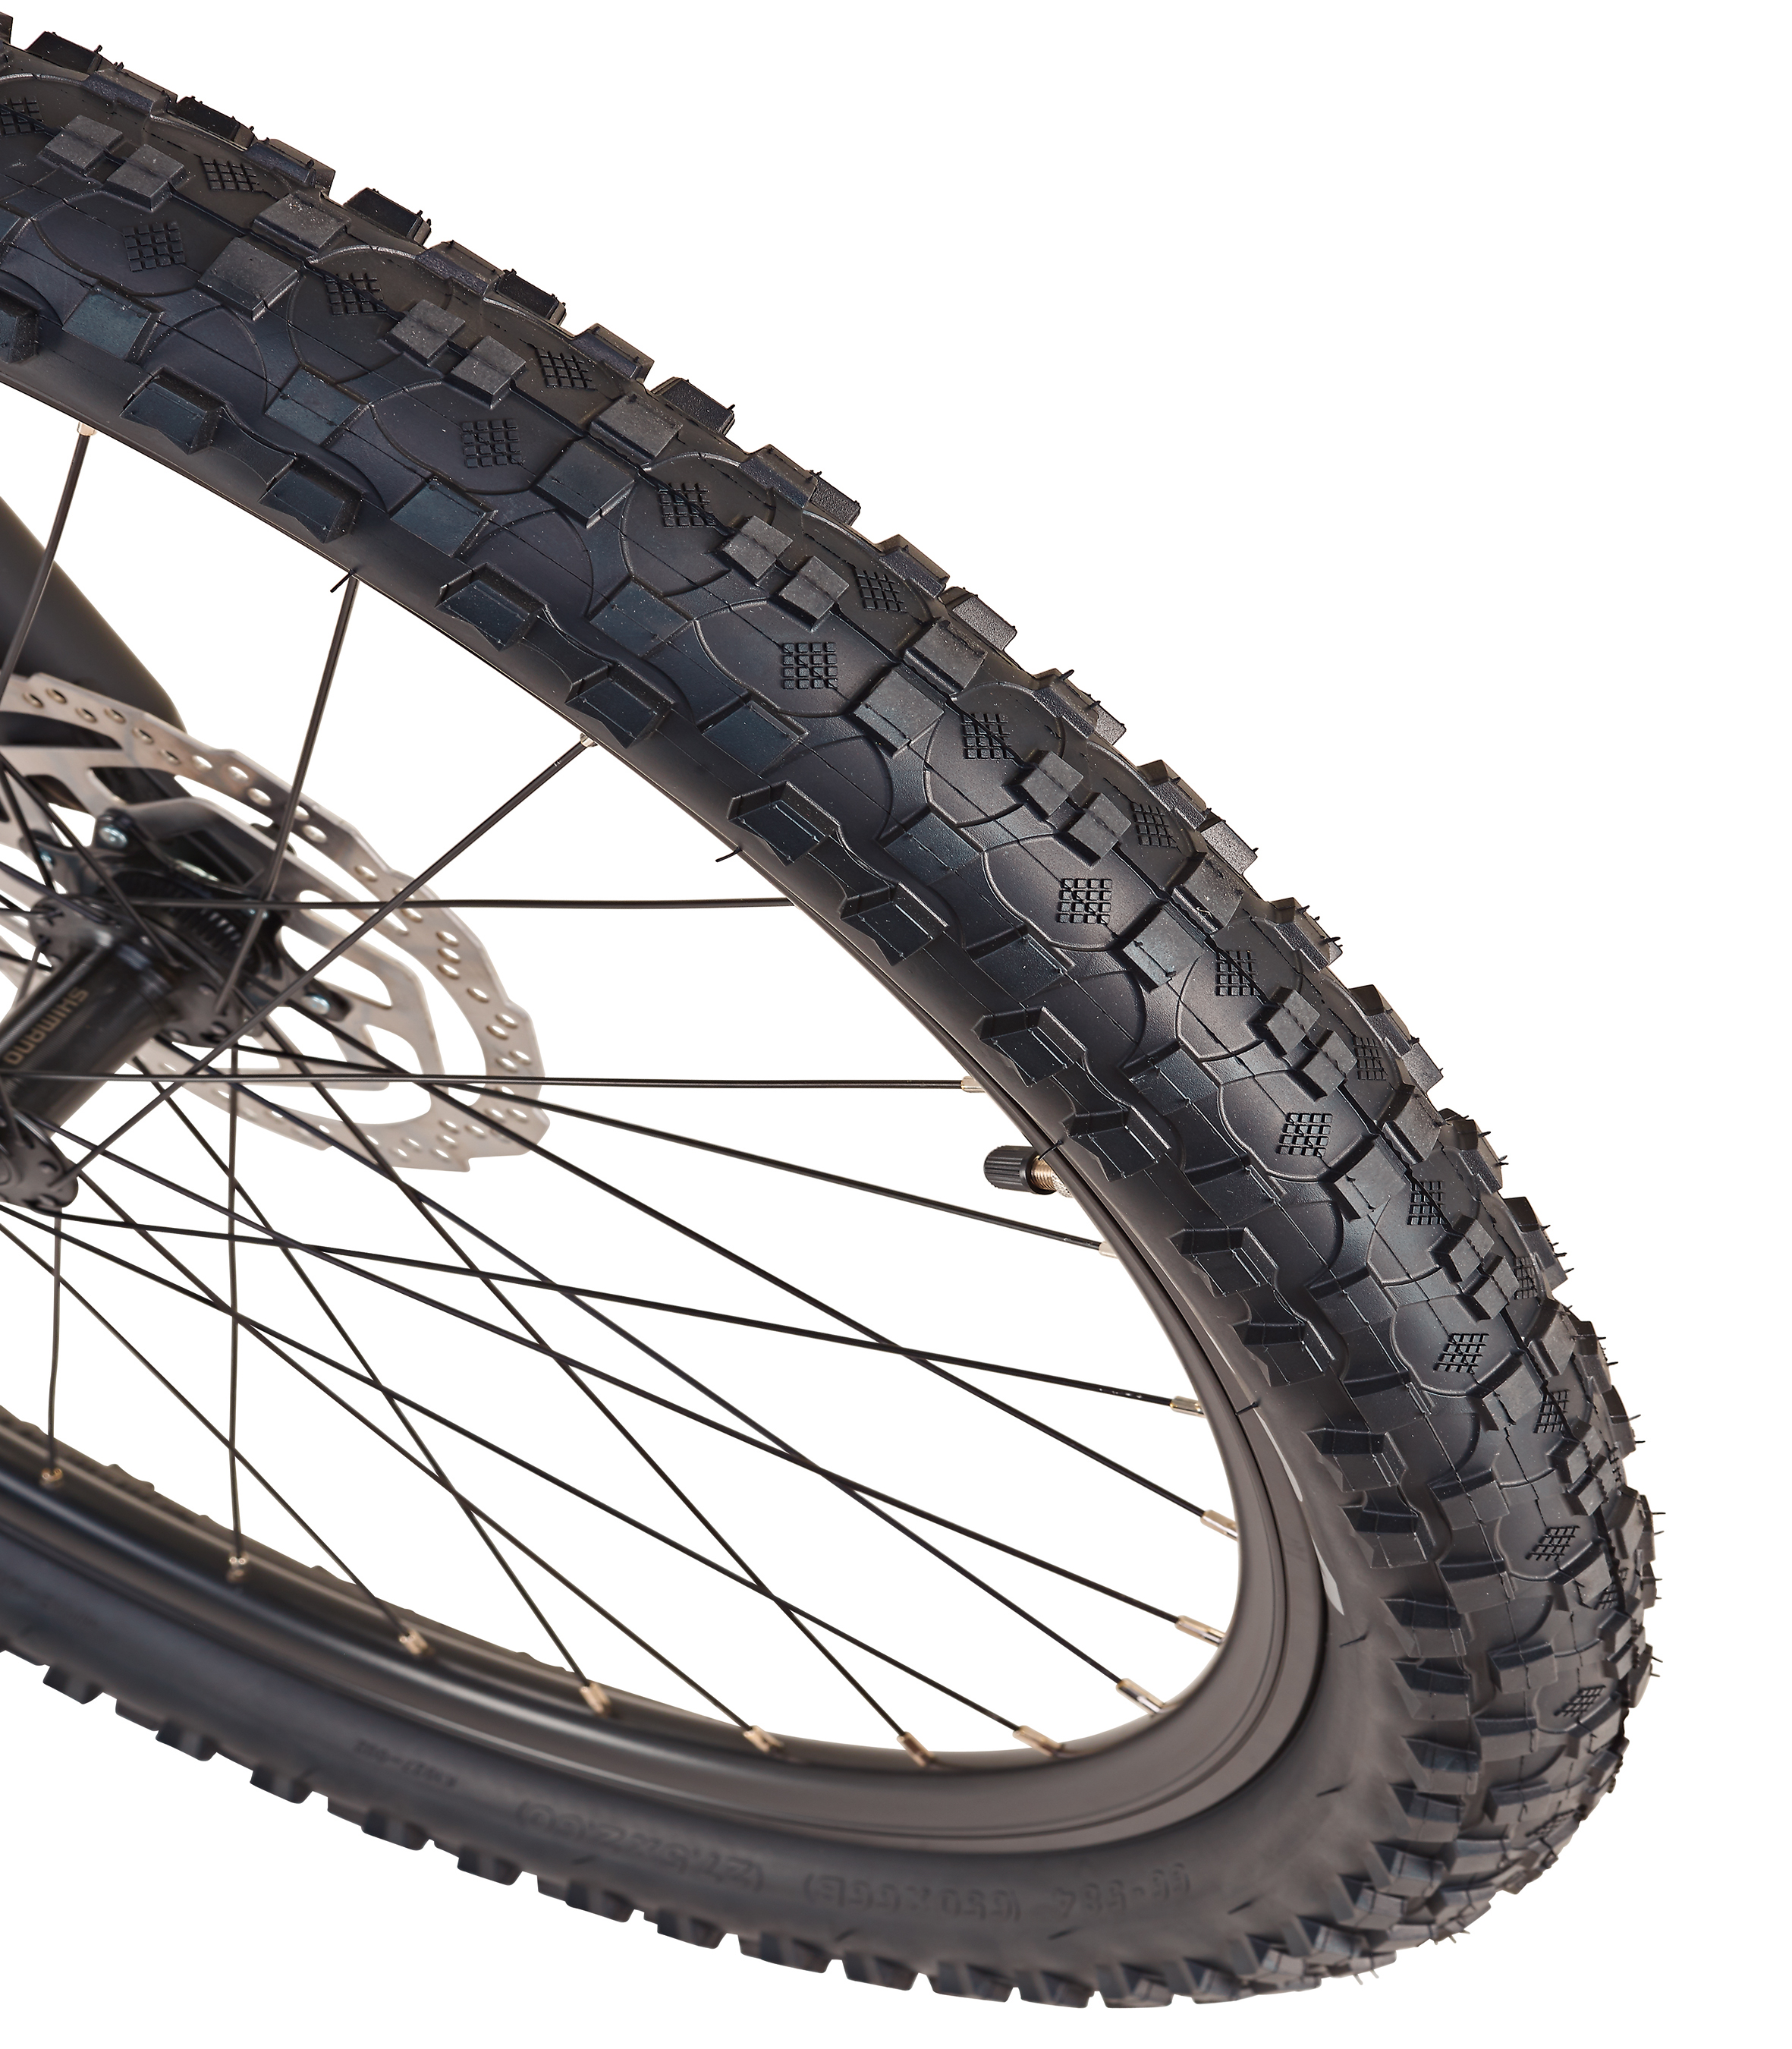 """Rex Bike Fahrrad / Mountain Bike Graveler 9.4 MTB 27,5"""" Bild 3"""